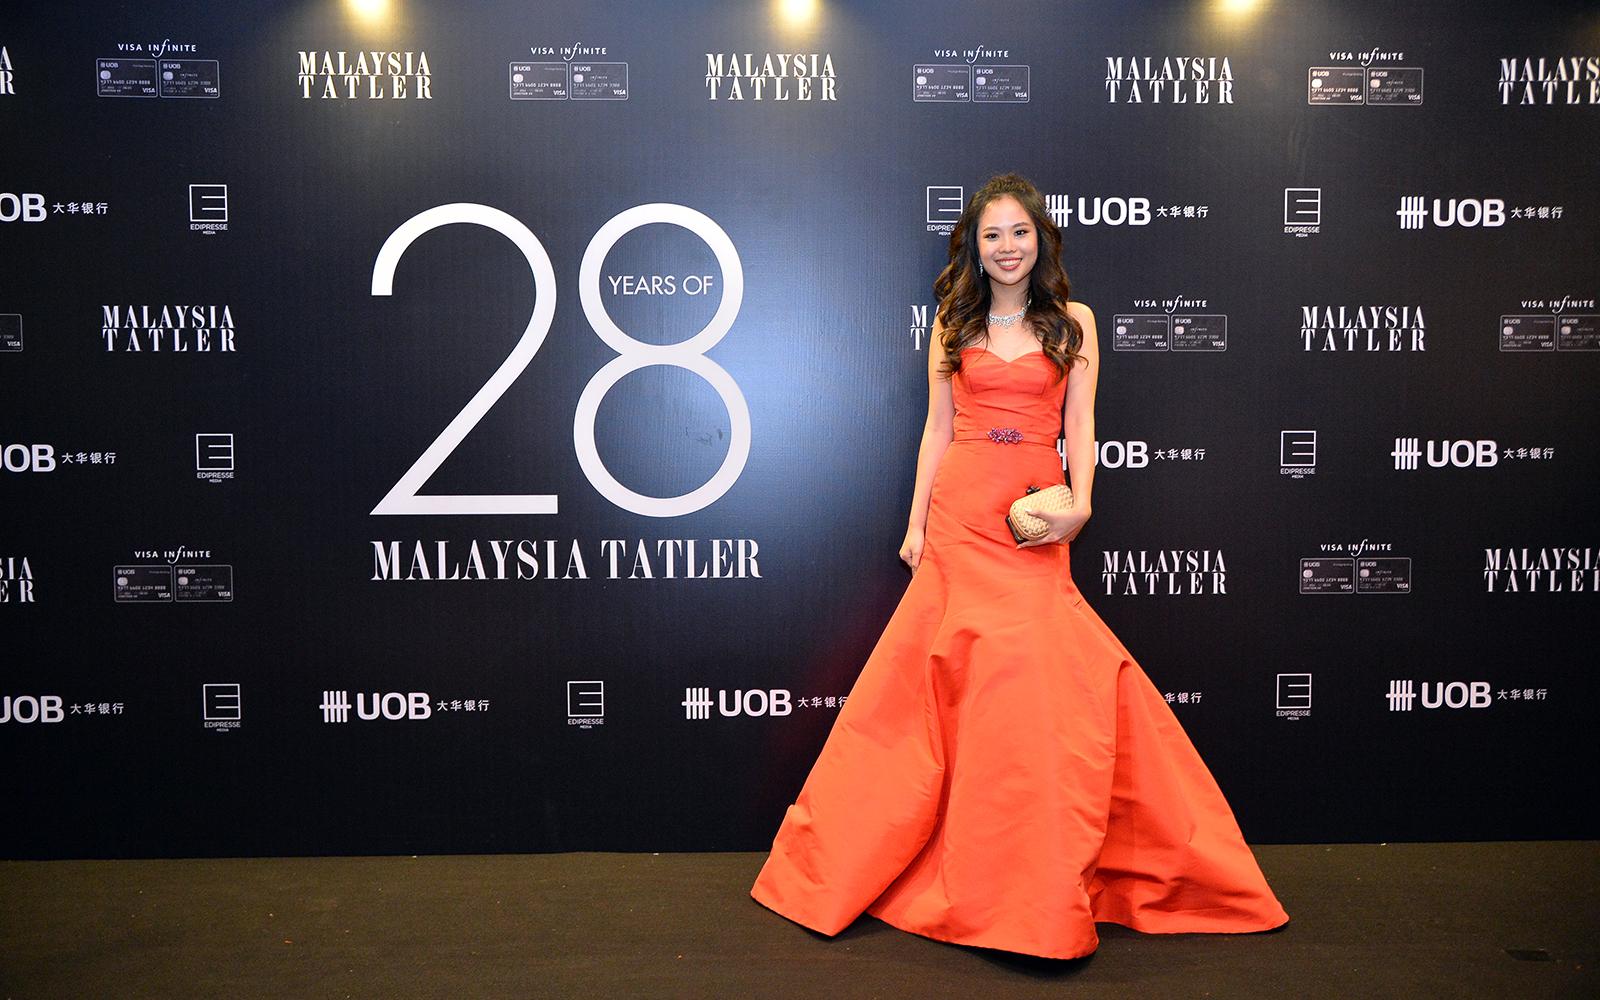 Yap Po Leen in Oscar de la Renta